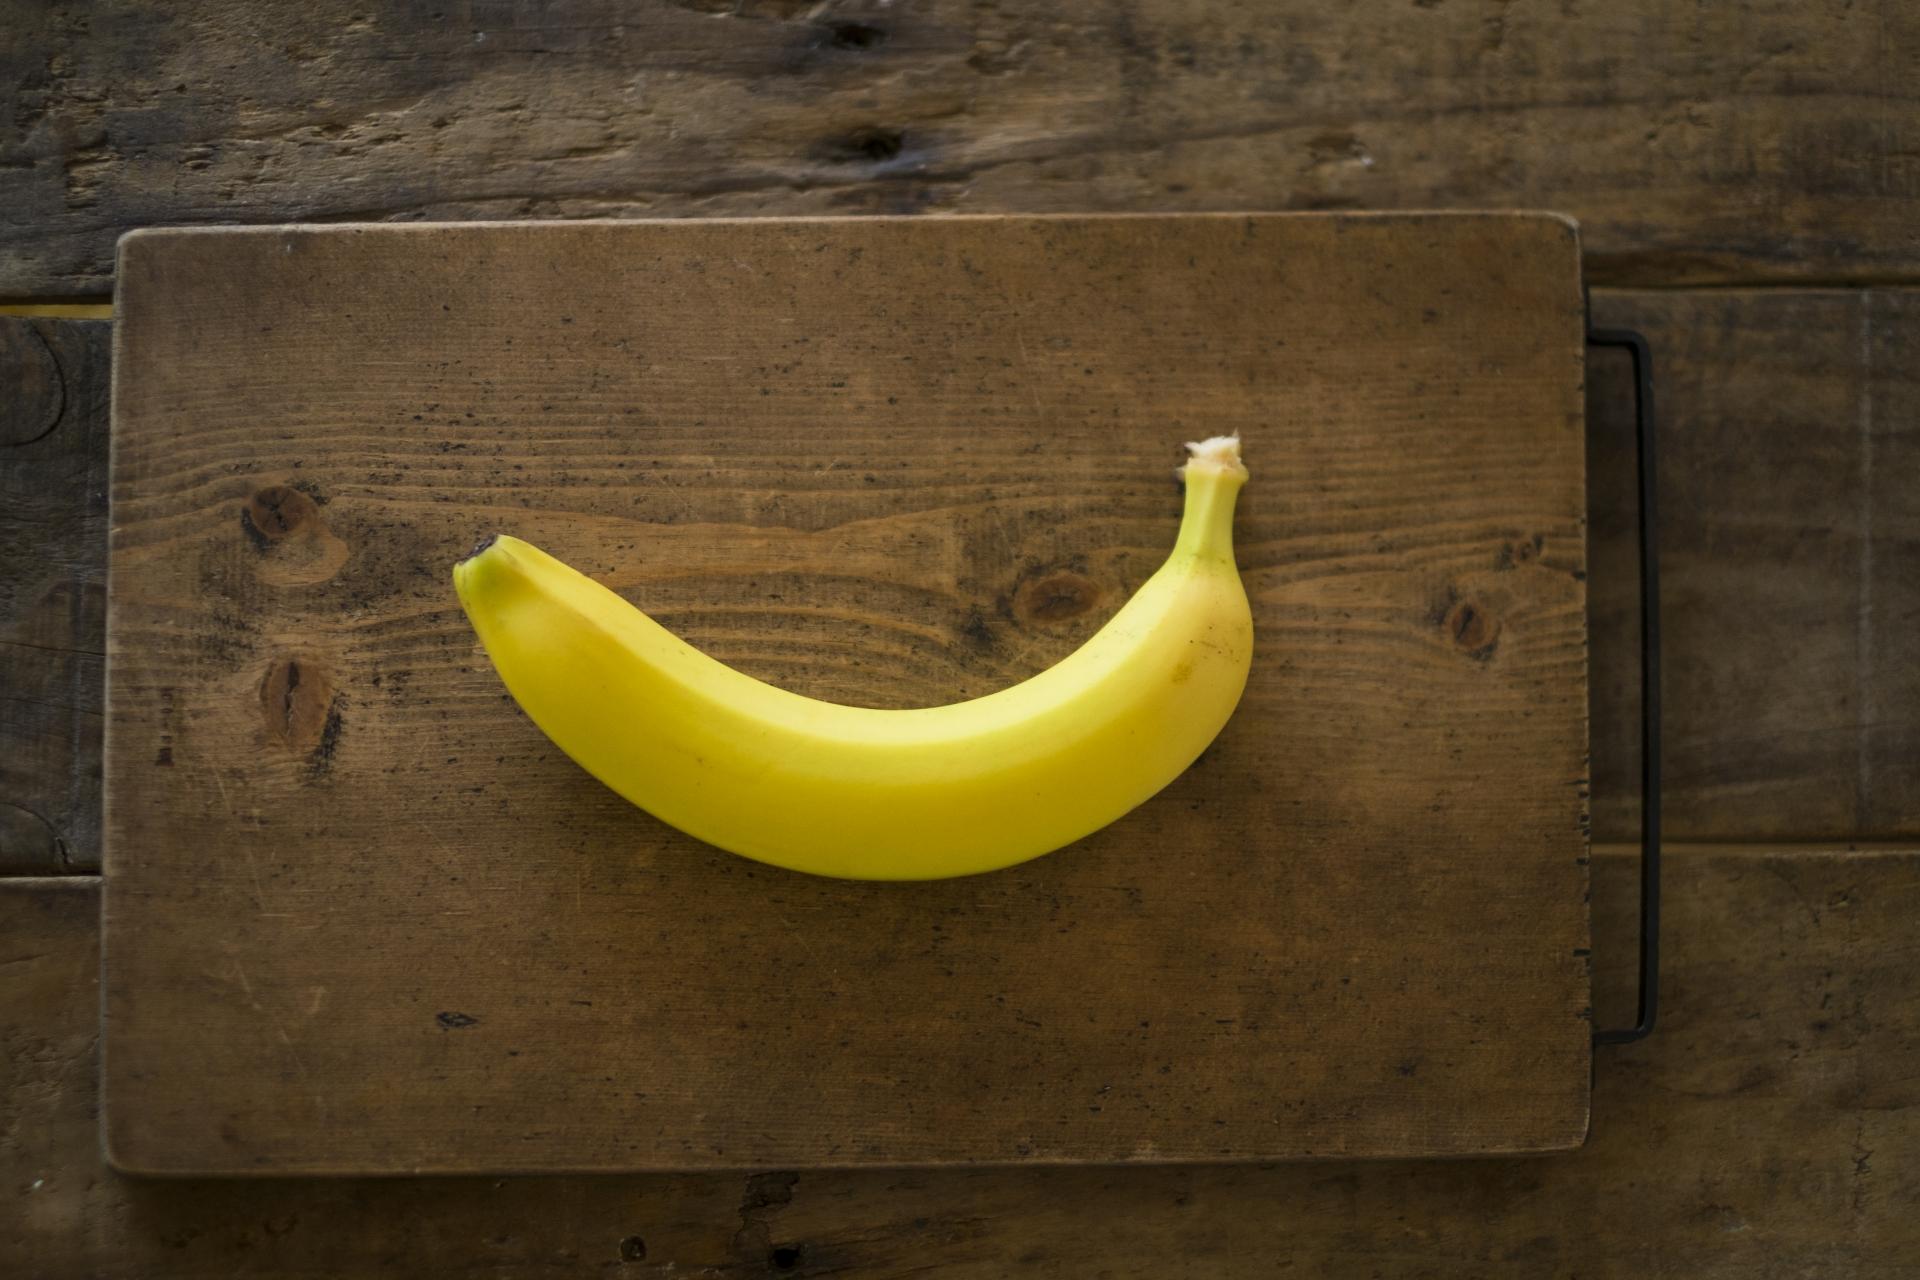 バナナを食べるタイミング